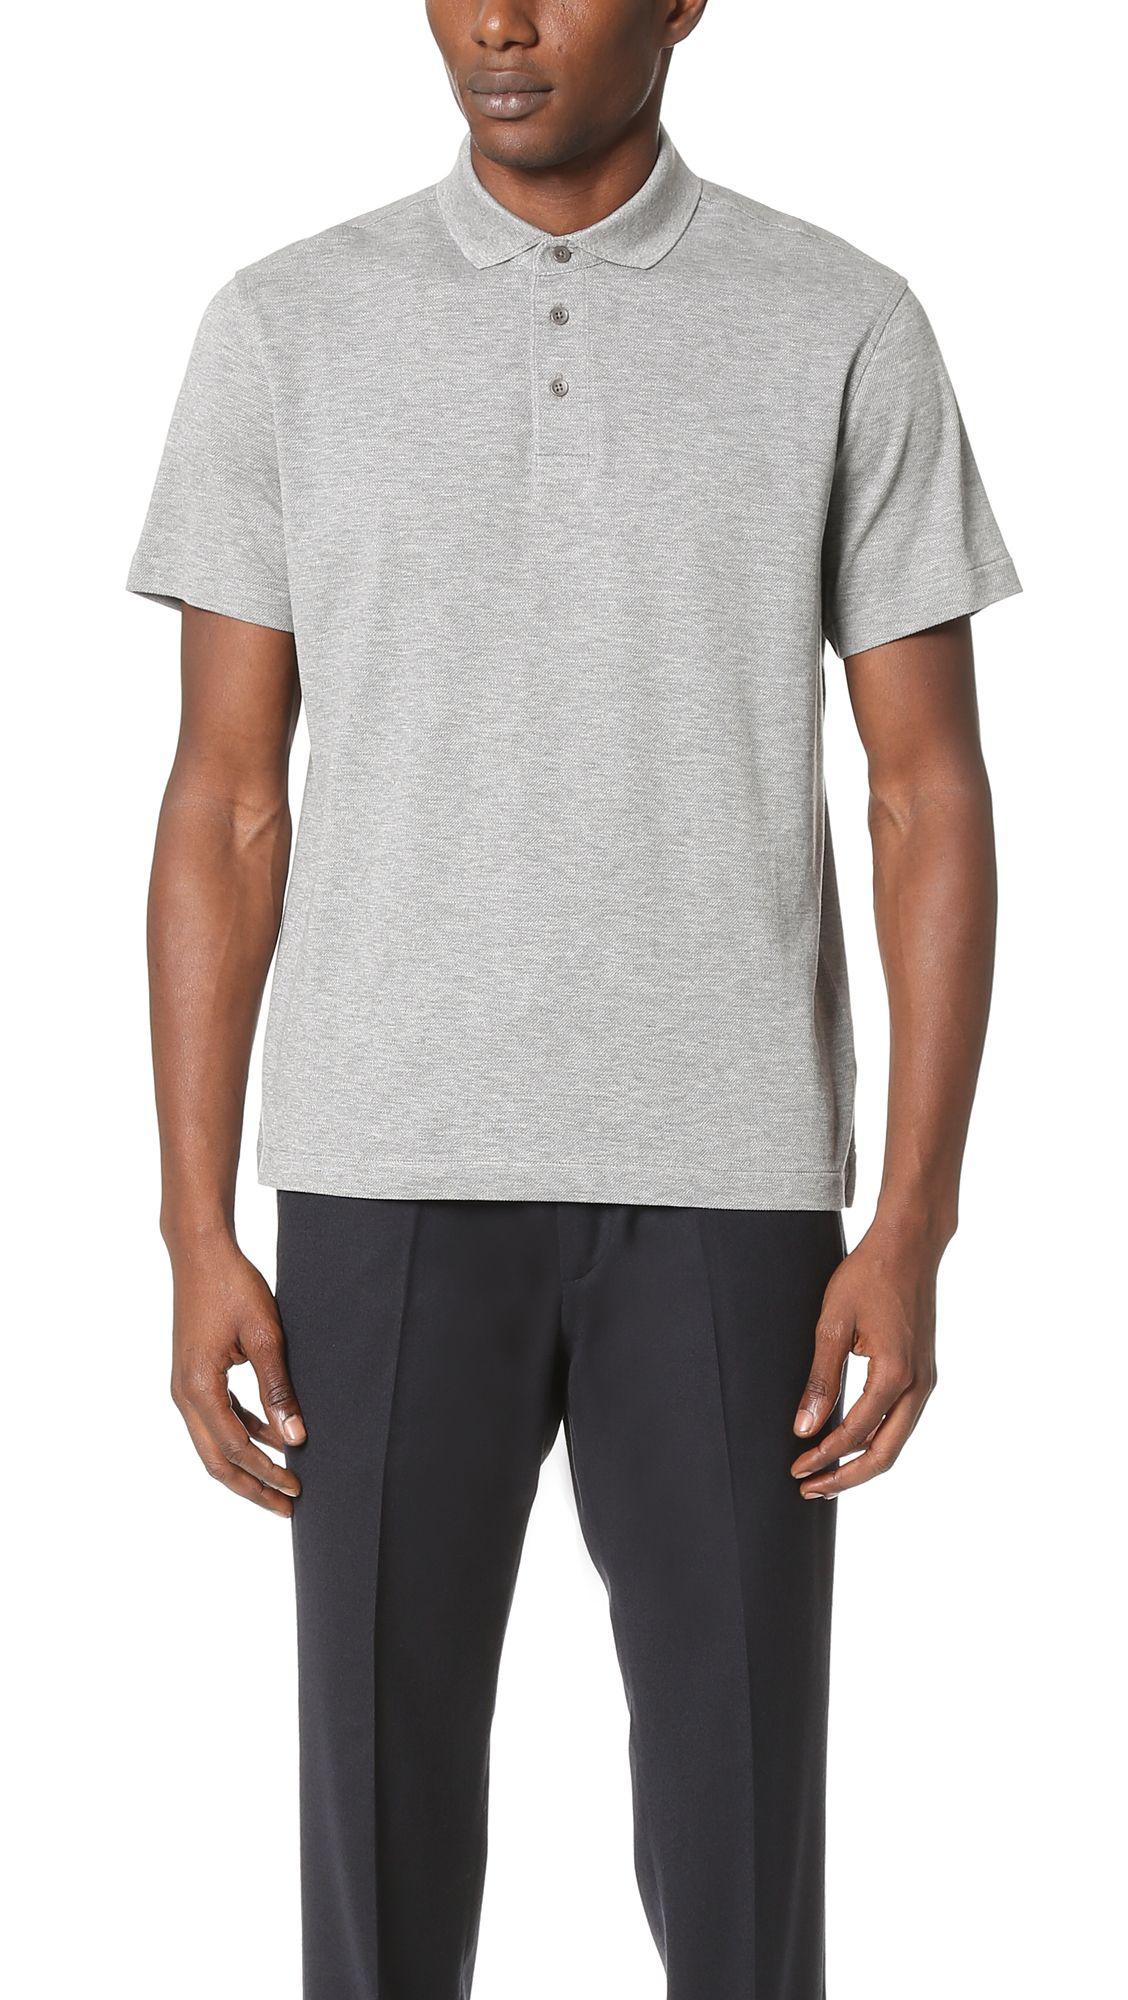 fd761a3870 Z ZEGNA Pique Polo Shirt. #zzegna #cloth #shirt | Z Zegna Men ...